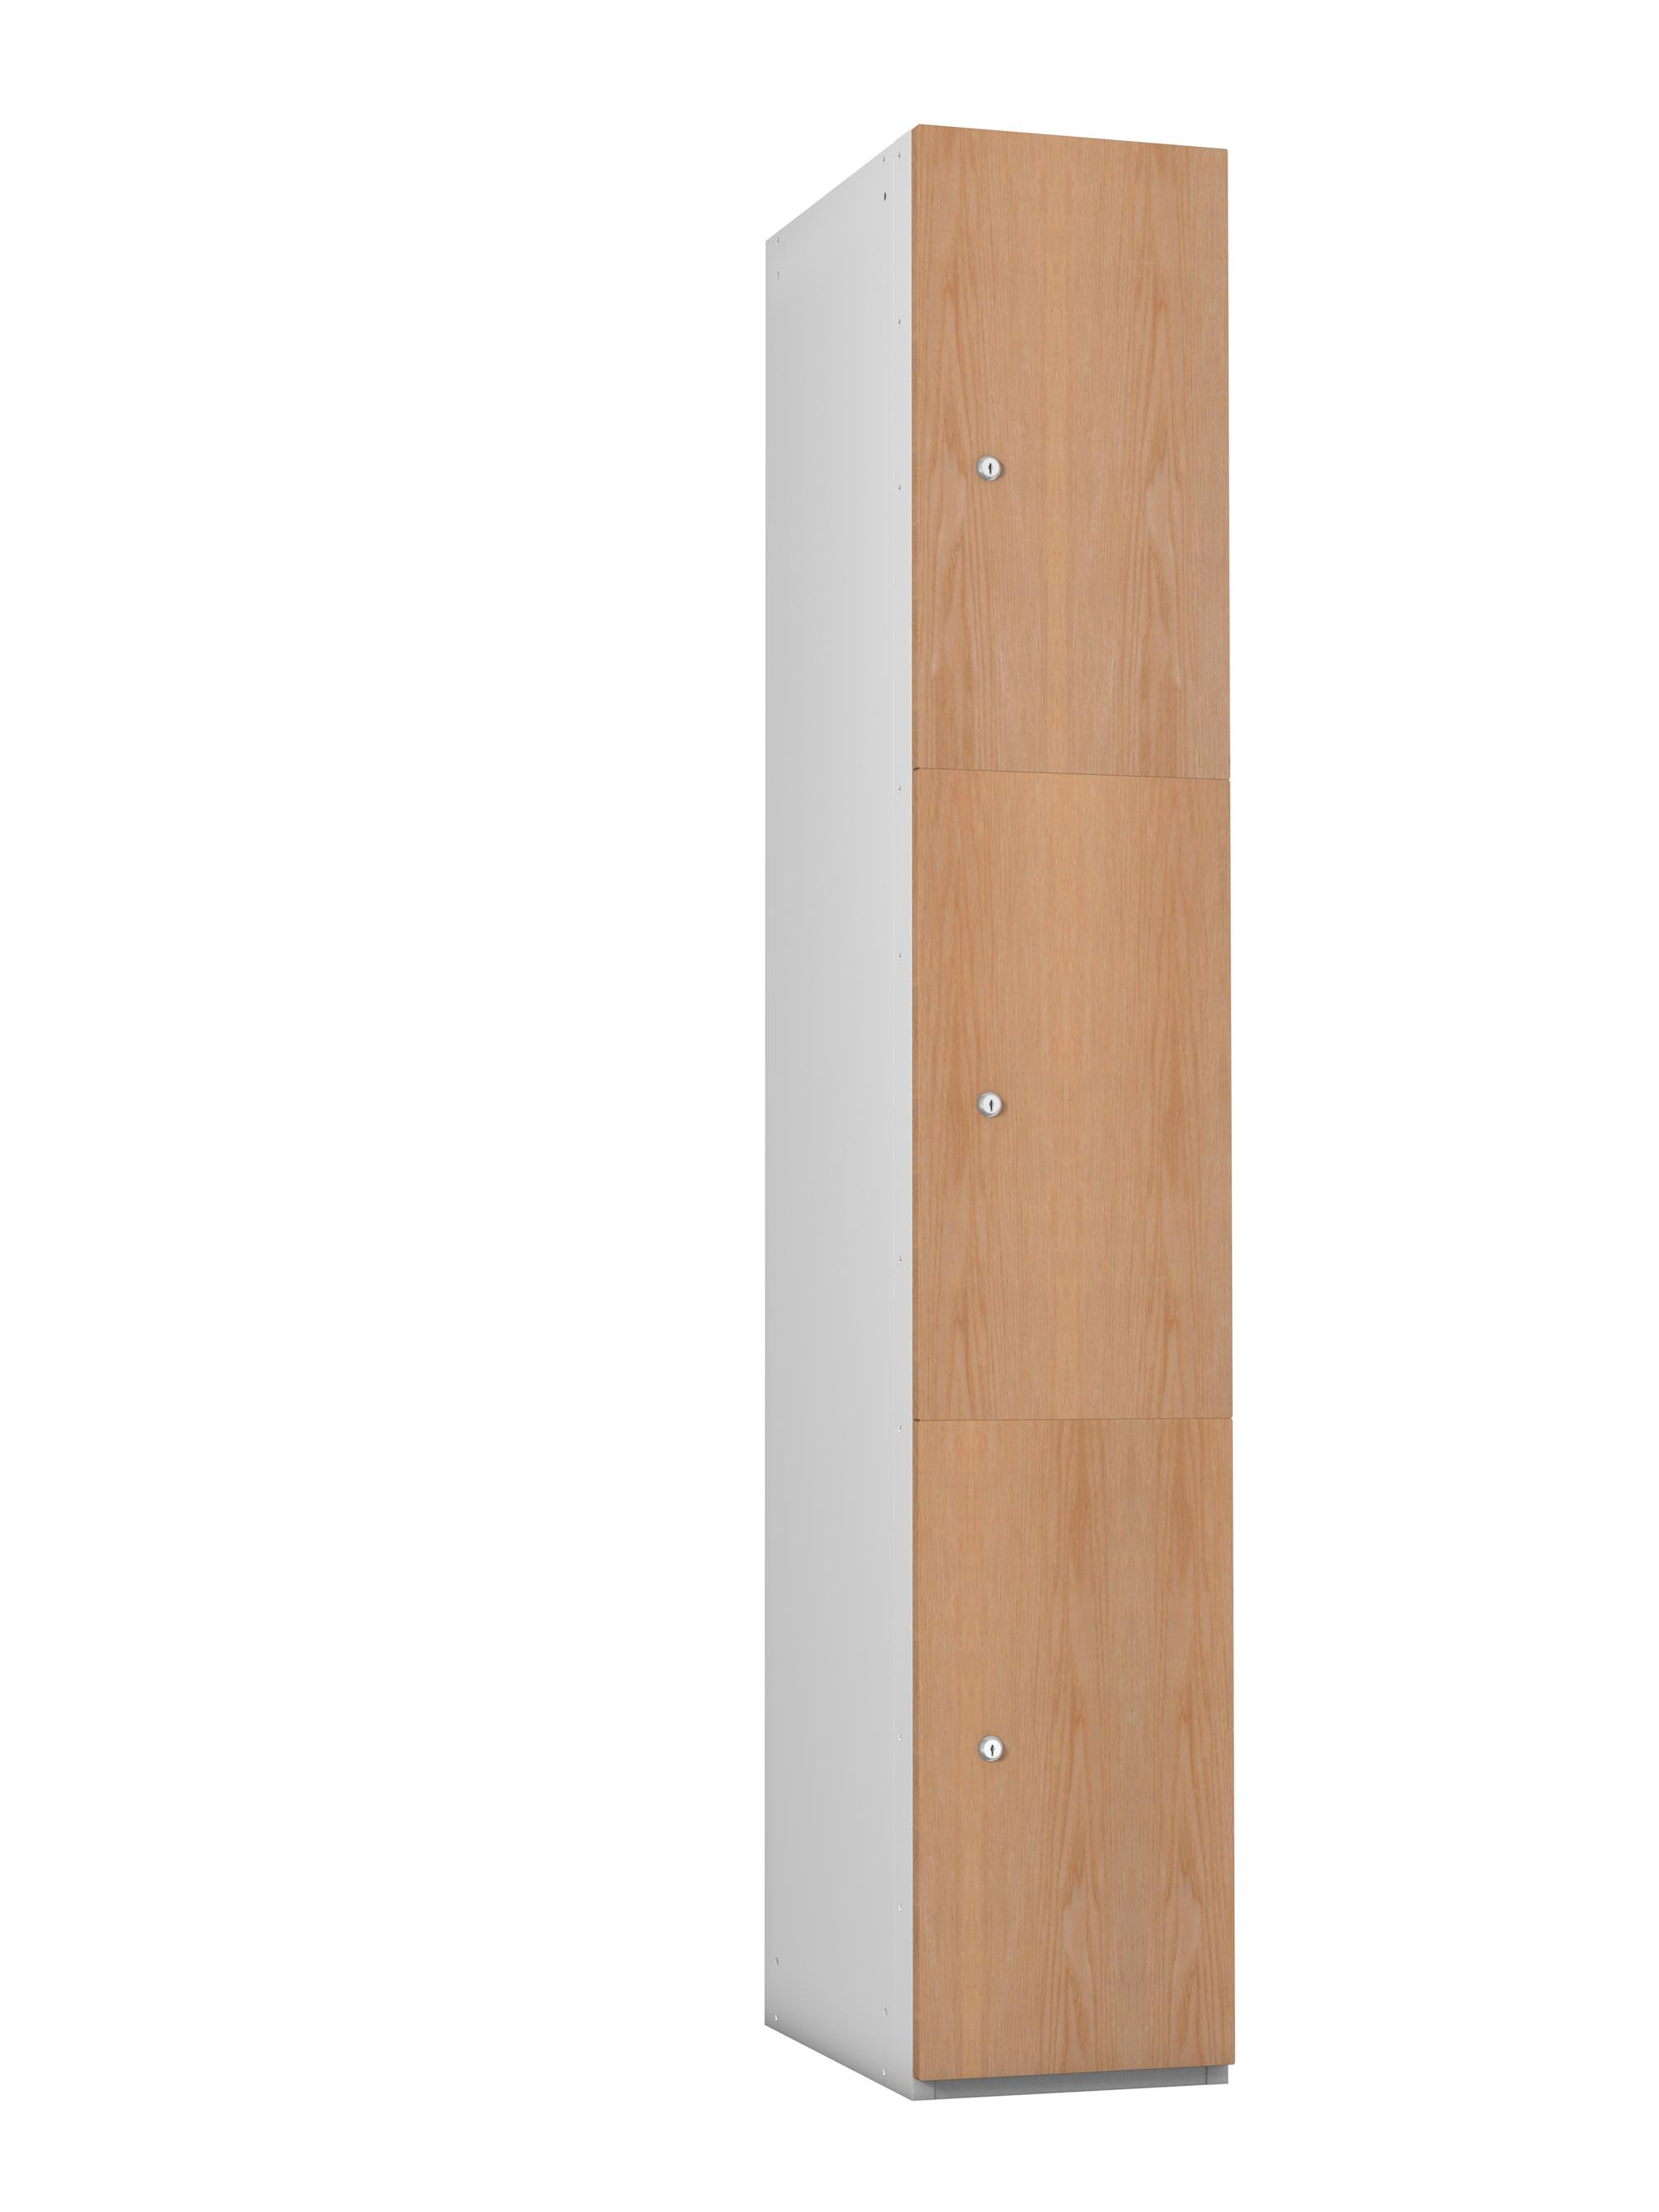 3 Compartment Timber Effect- MDF Door Locker